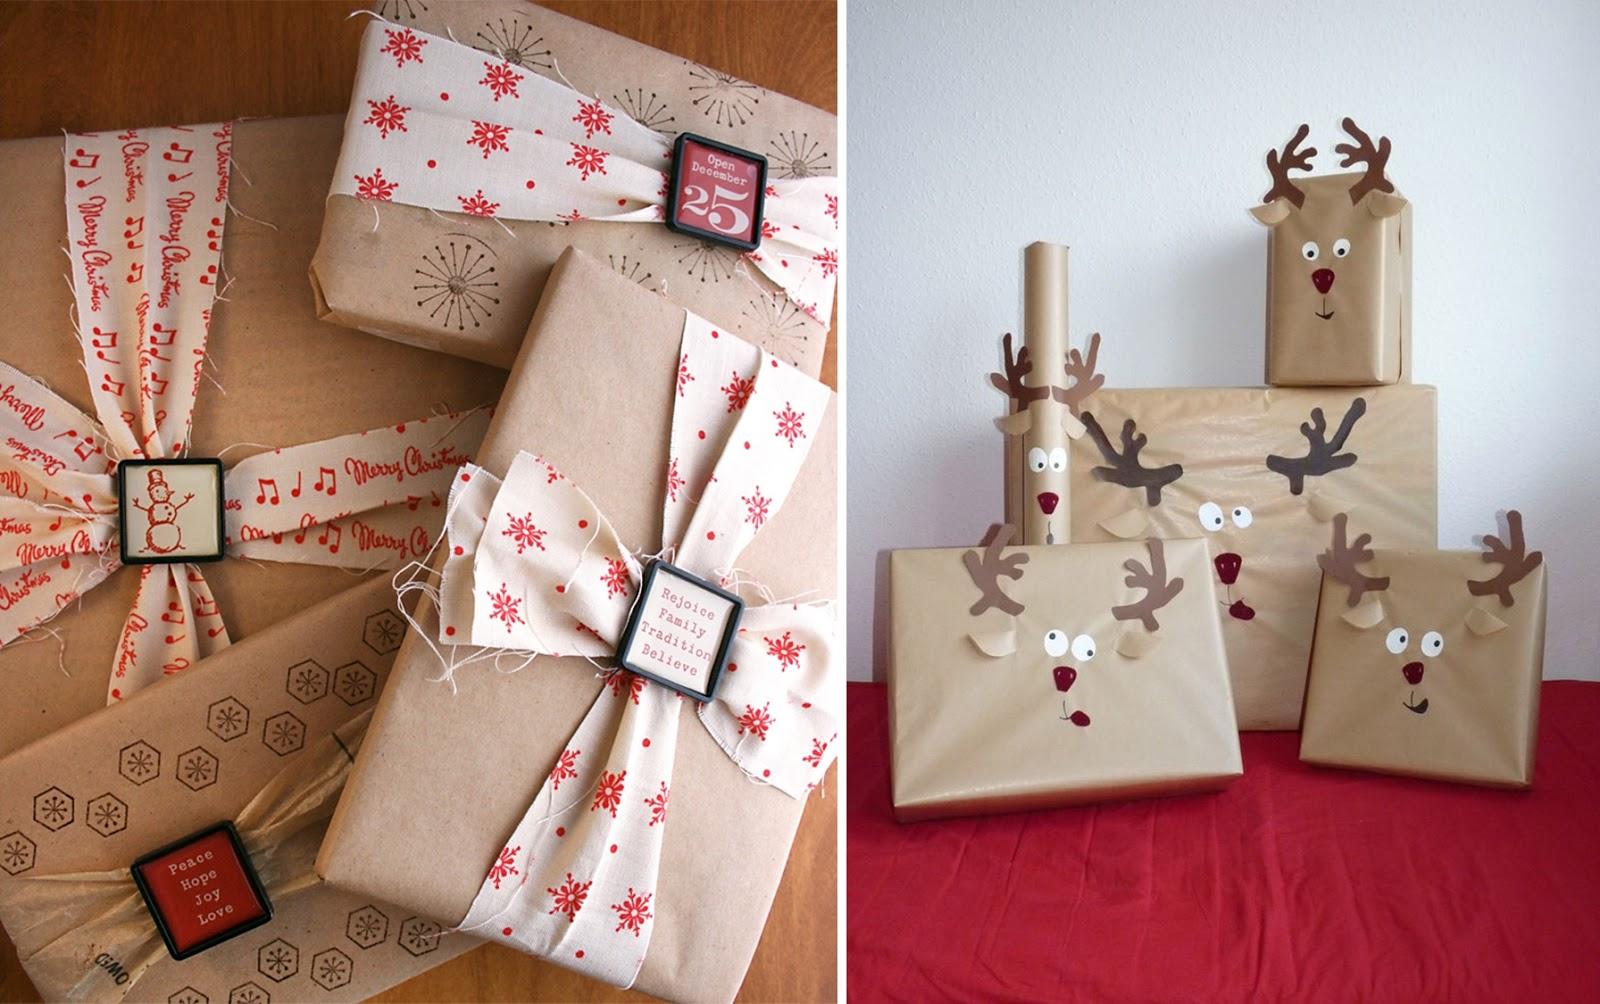 jak pakowac prezenty pomysly inspiracje gwiazdka choinka mikolaj christmas